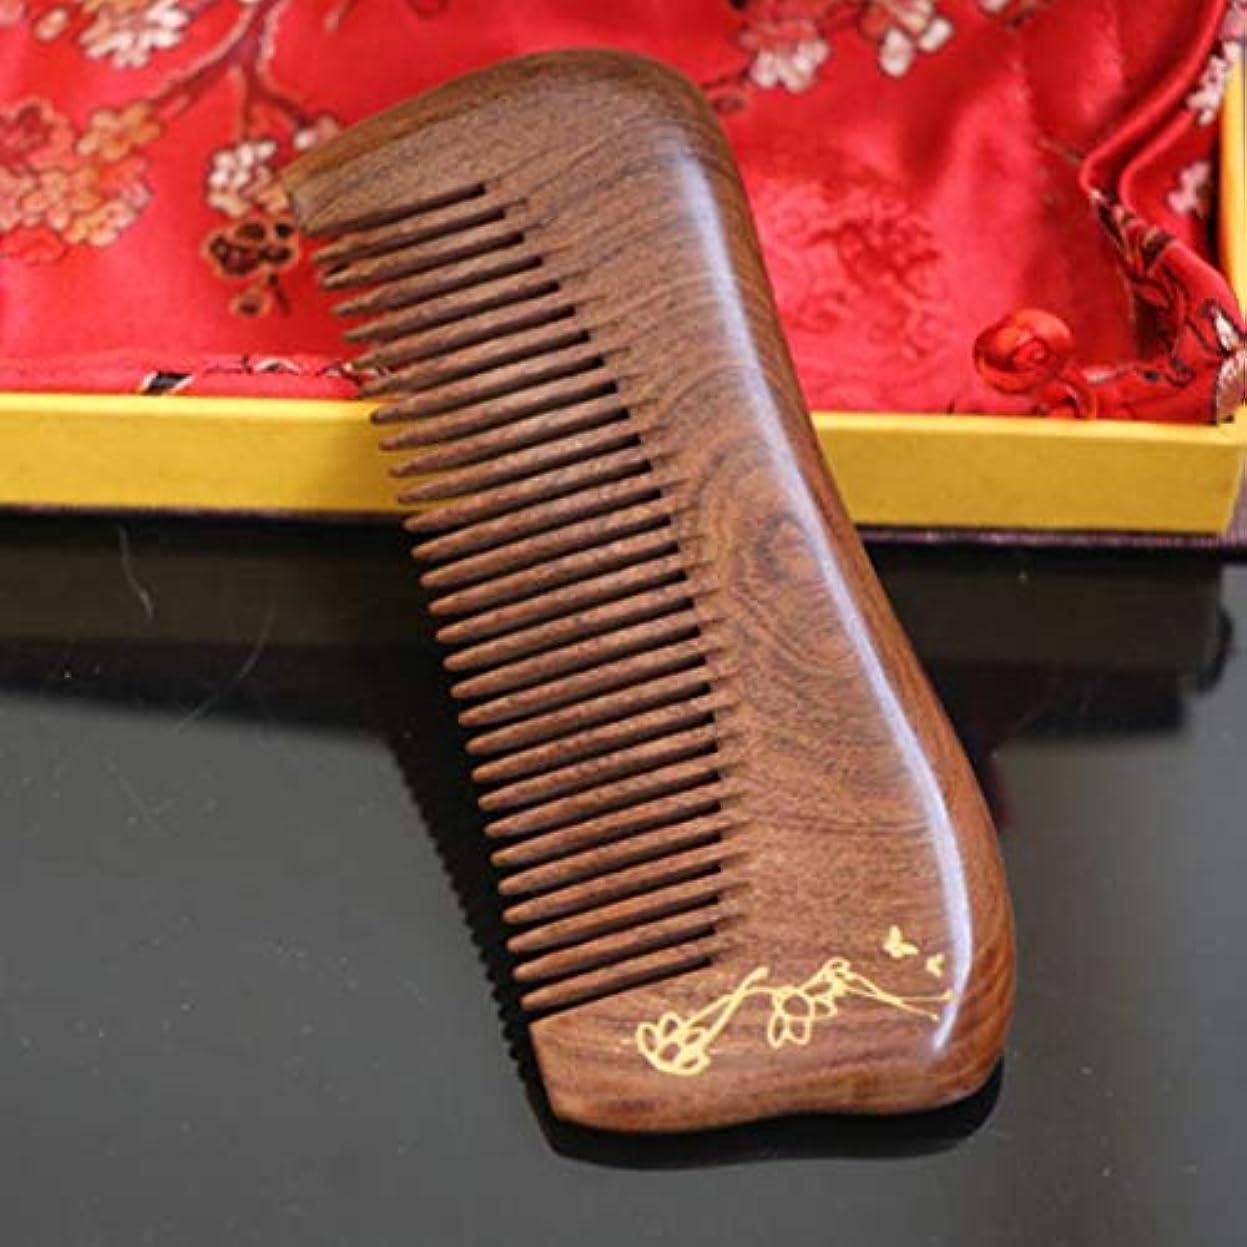 受け継ぐまっすぐカジュアル白檀の毛の櫛 - 様々なスタイルはギフト用の箱と、頭髪のための密な歯の櫛の帯電防止ヘアブラシを握り ヘアケア (Design : C)